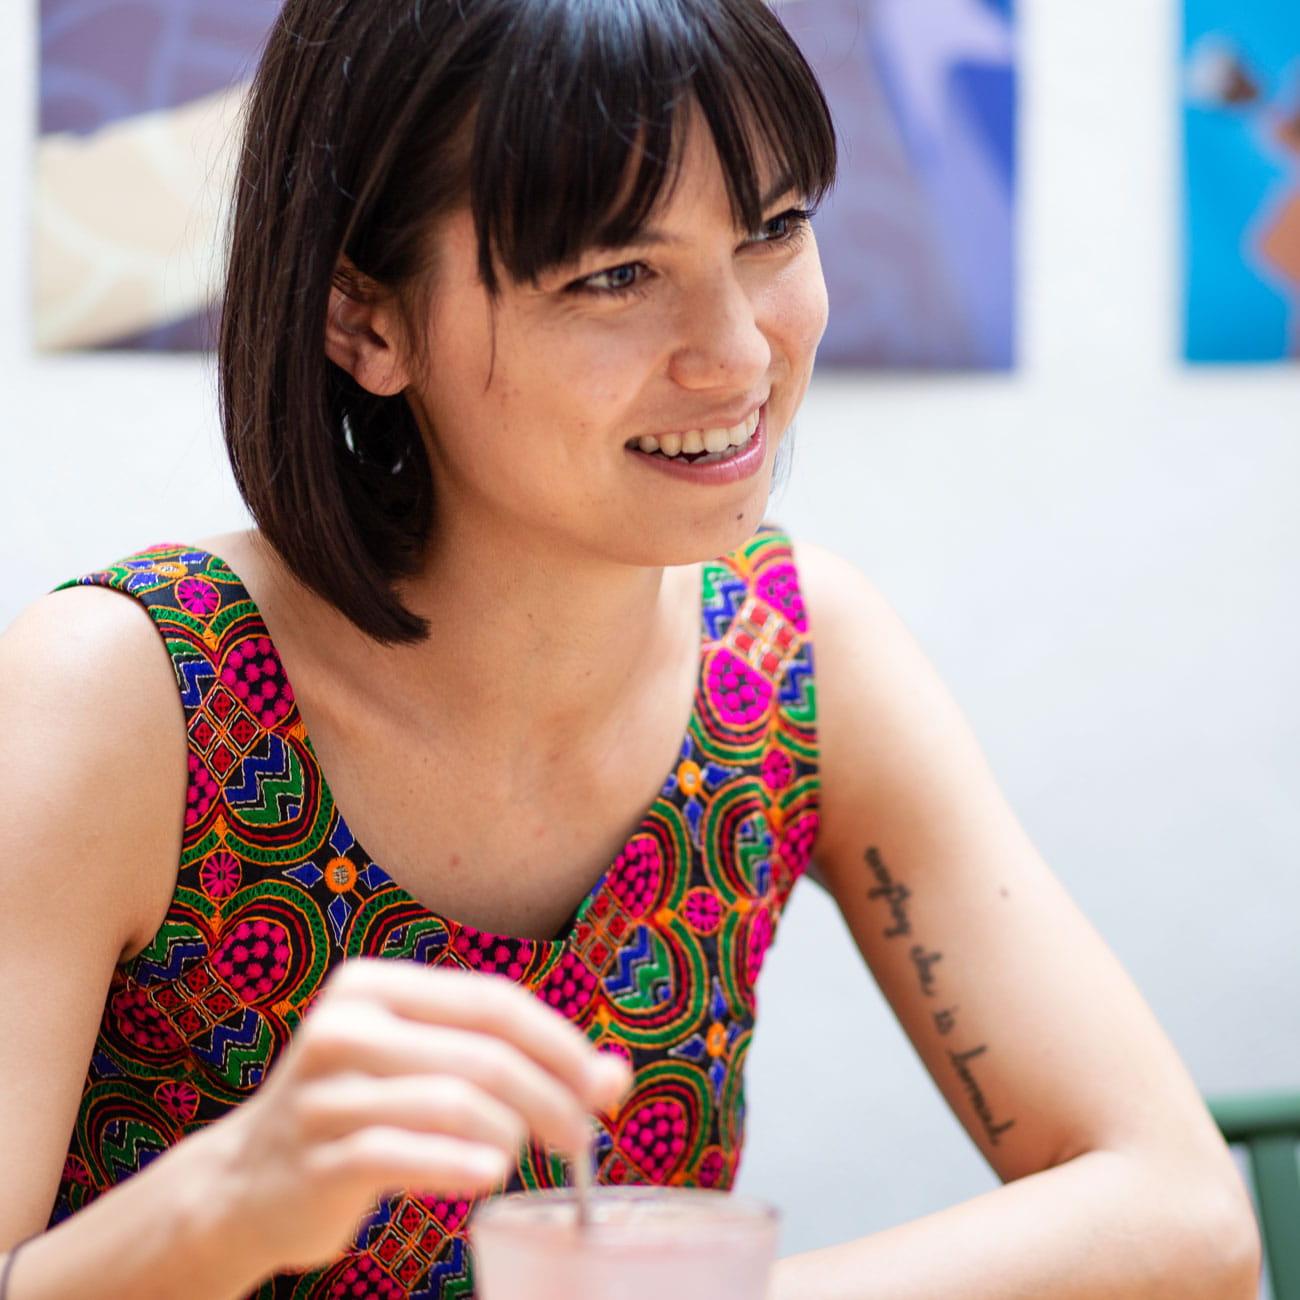 Hong Kong artist Laura Zhang